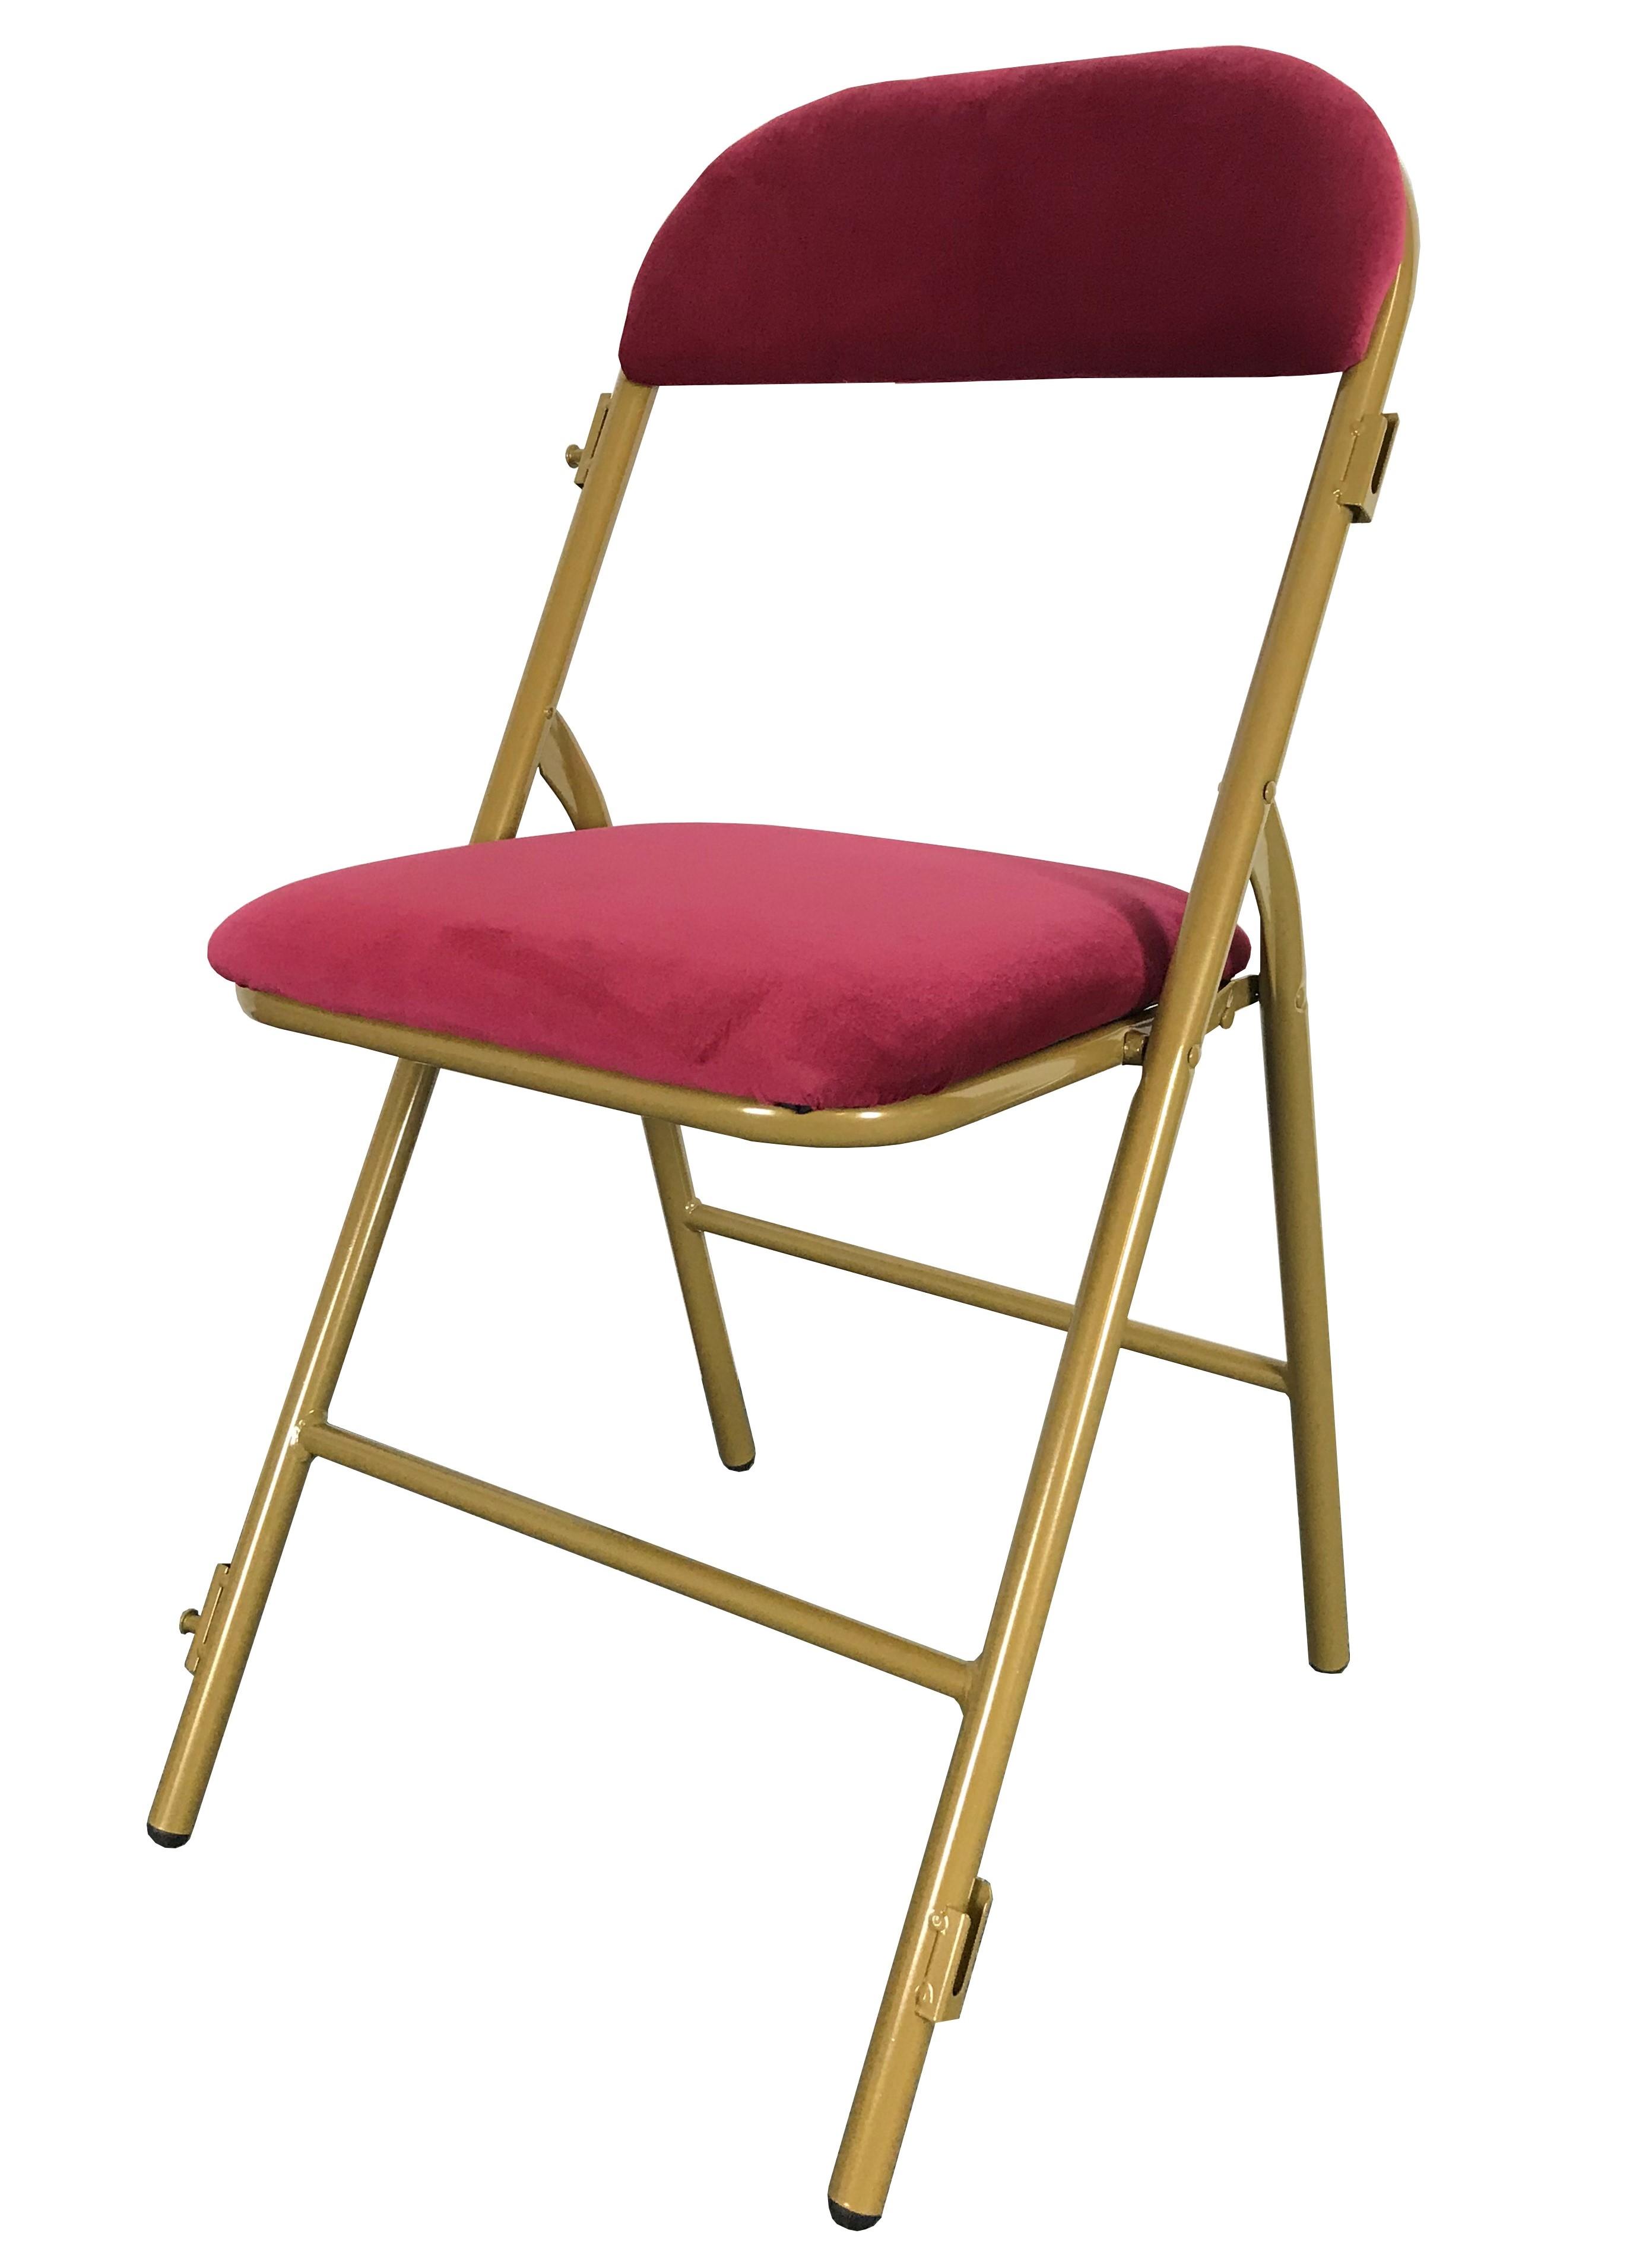 chaise pliante chaise pliante acier et tissu mobilier pour professionnels traiteurs chr et. Black Bedroom Furniture Sets. Home Design Ideas